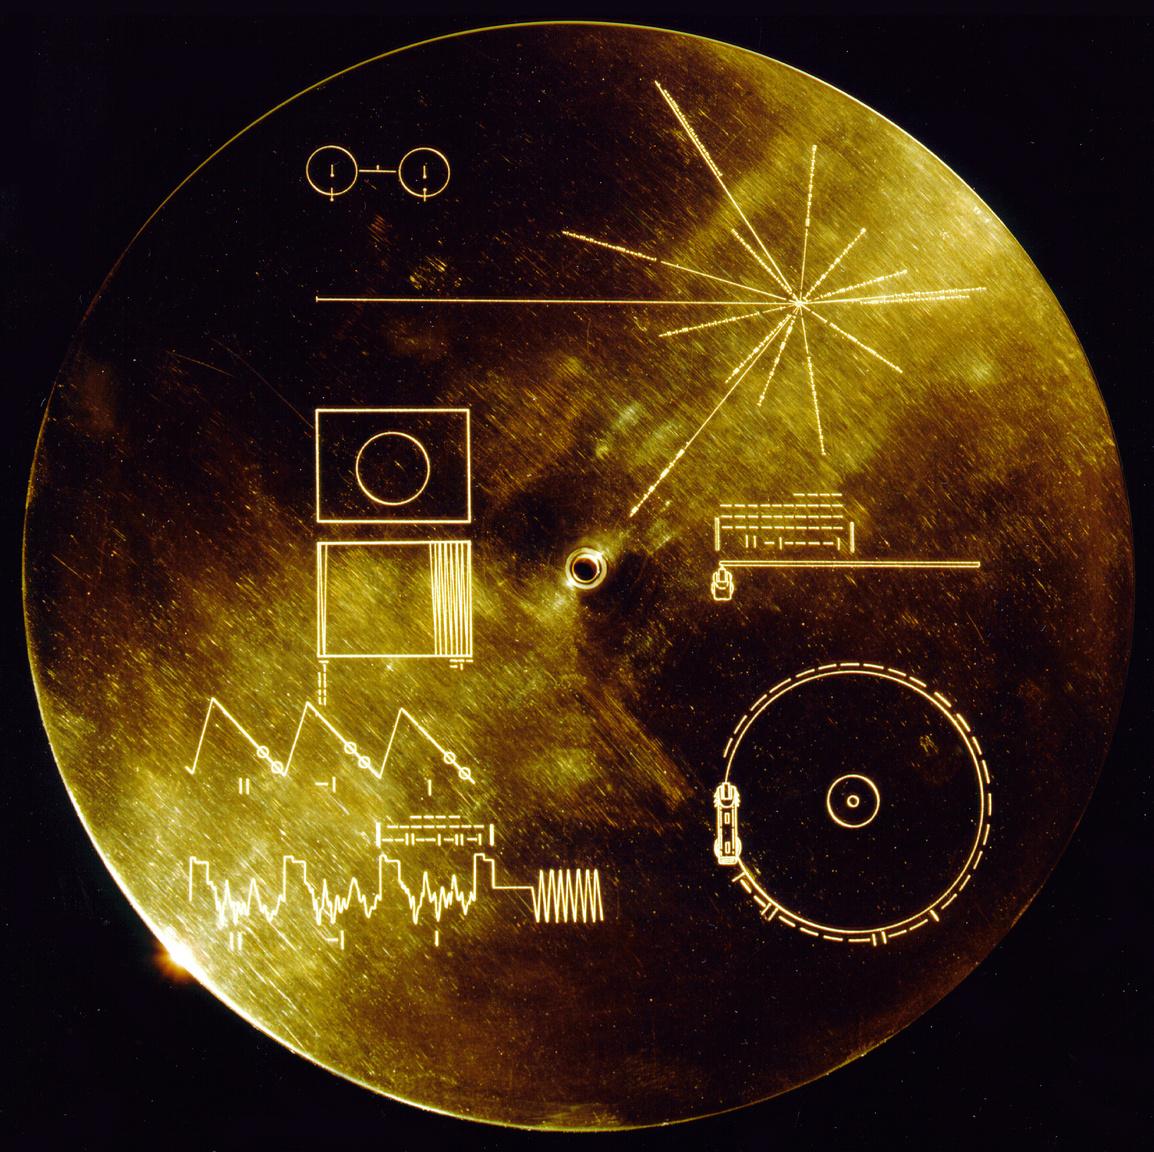 A lemezeket védő aranyozott alumínium tok fedele, amin a lemez lejátszására vonatkozó instrukciók is láthatók.